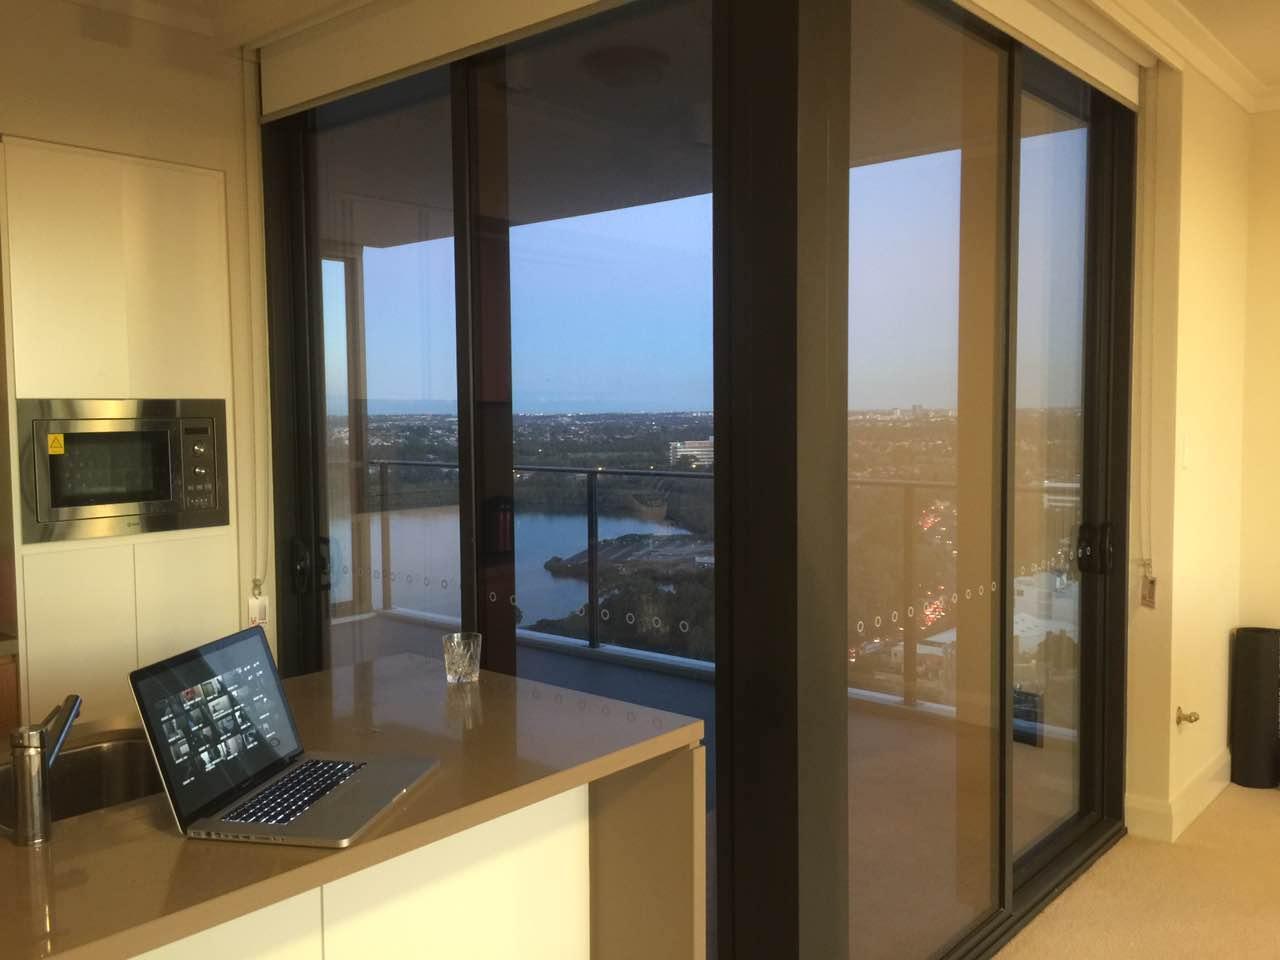 Rhodes 20楼270度景 $360pw 主人房 大阳台 全包